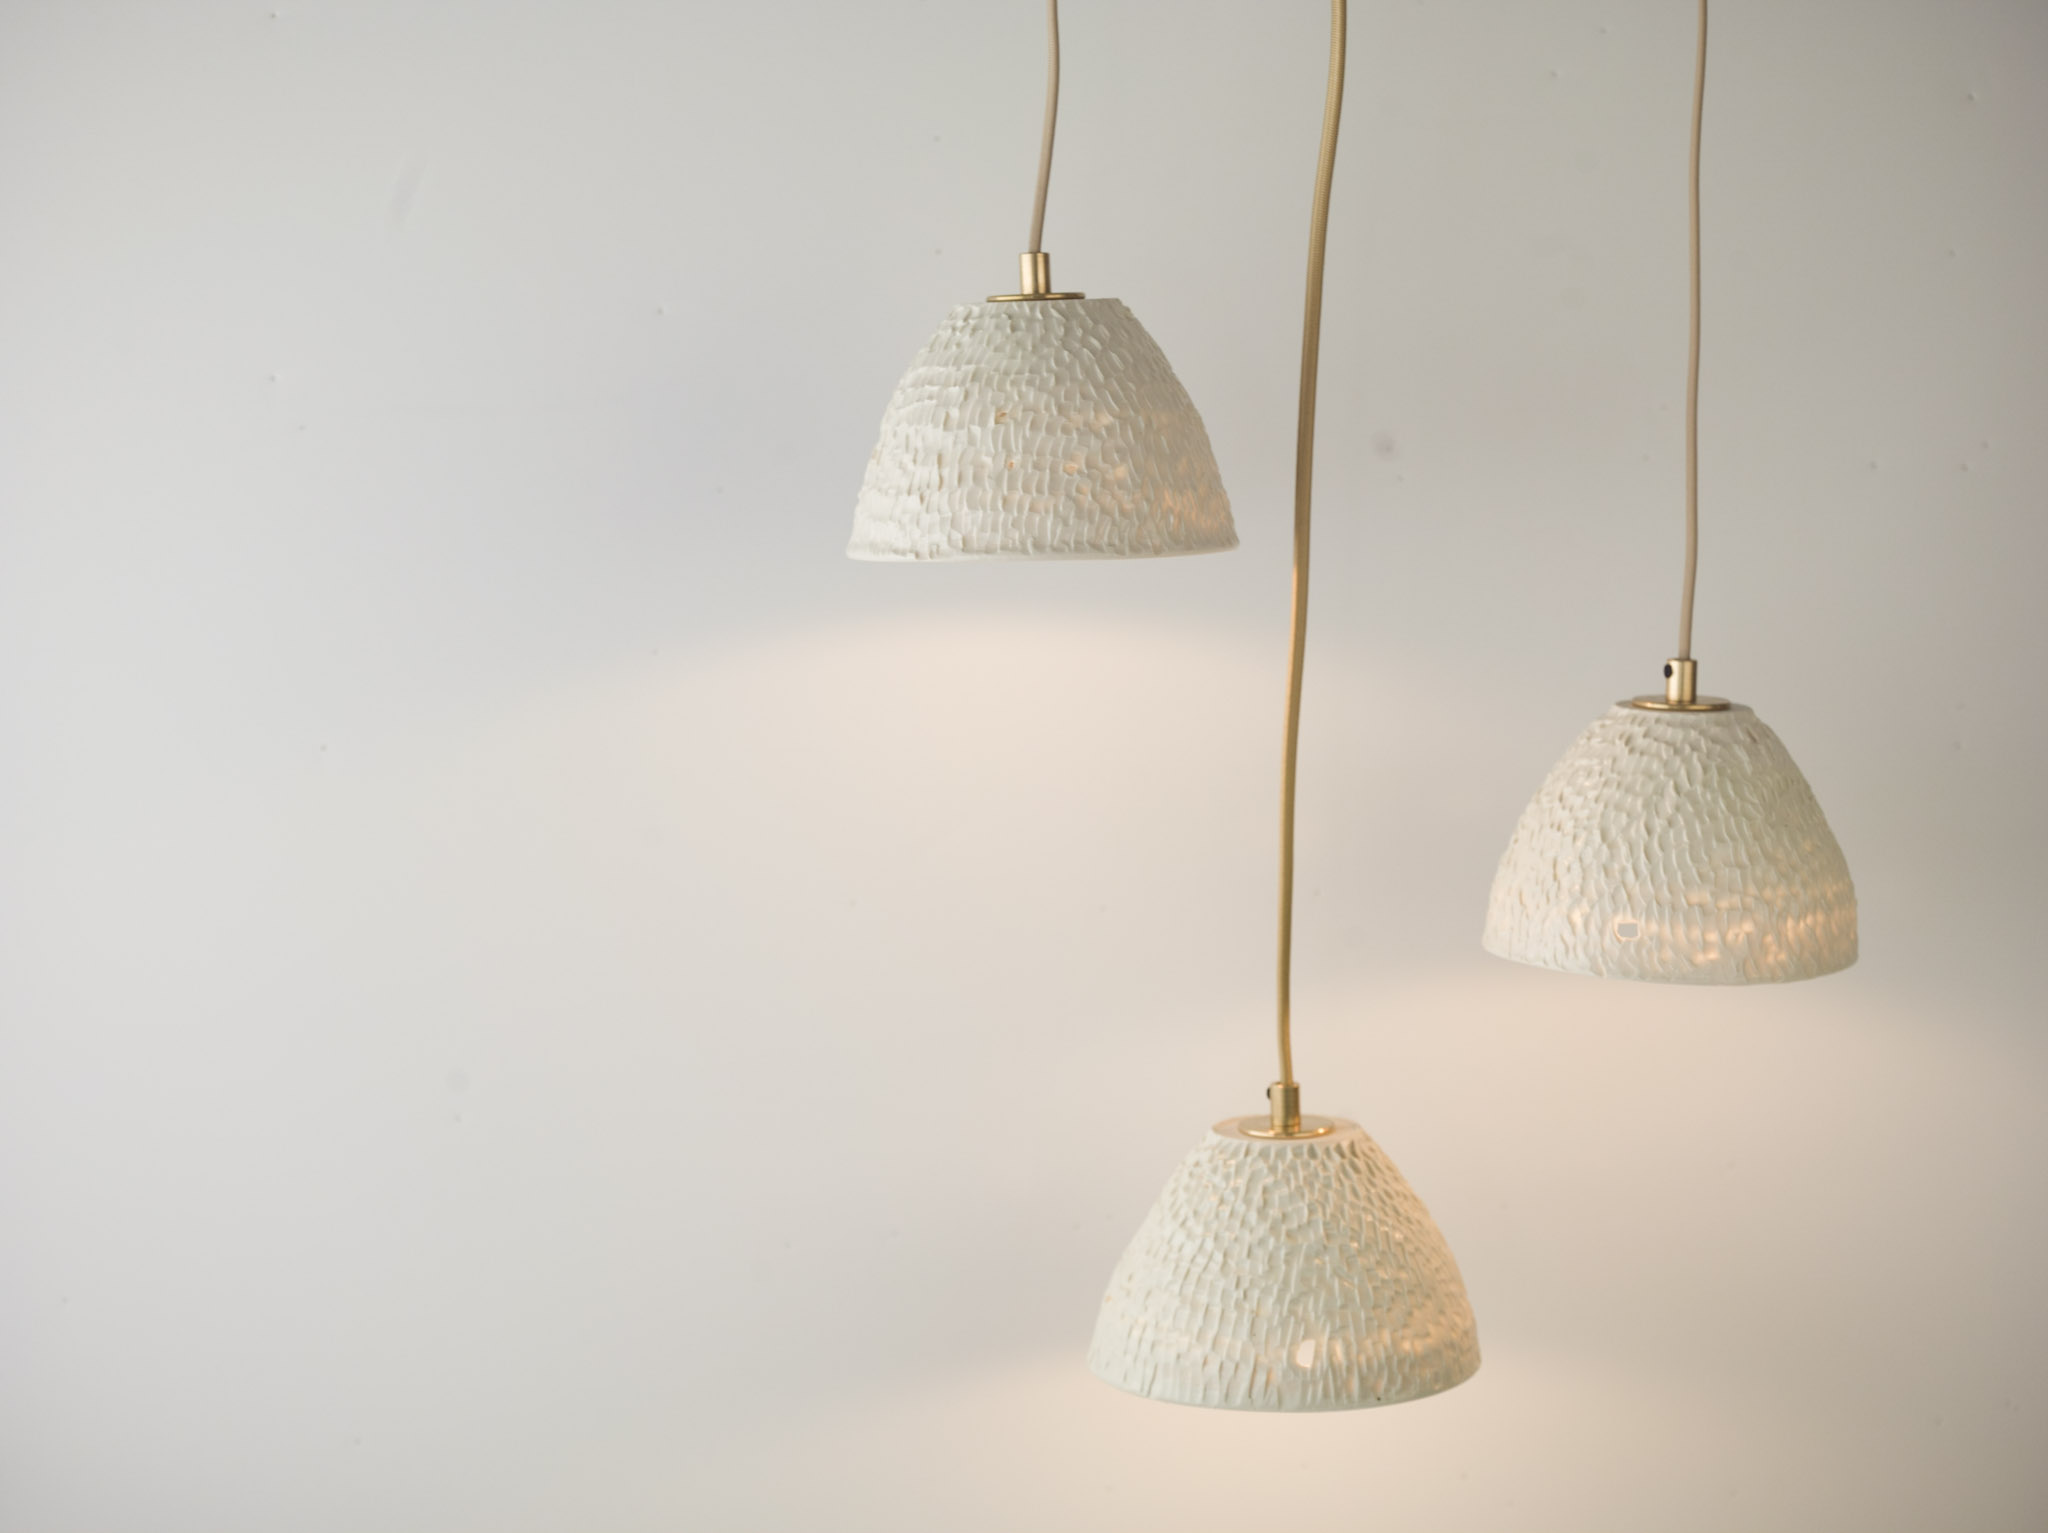 LAMPS_111616-051.jpg